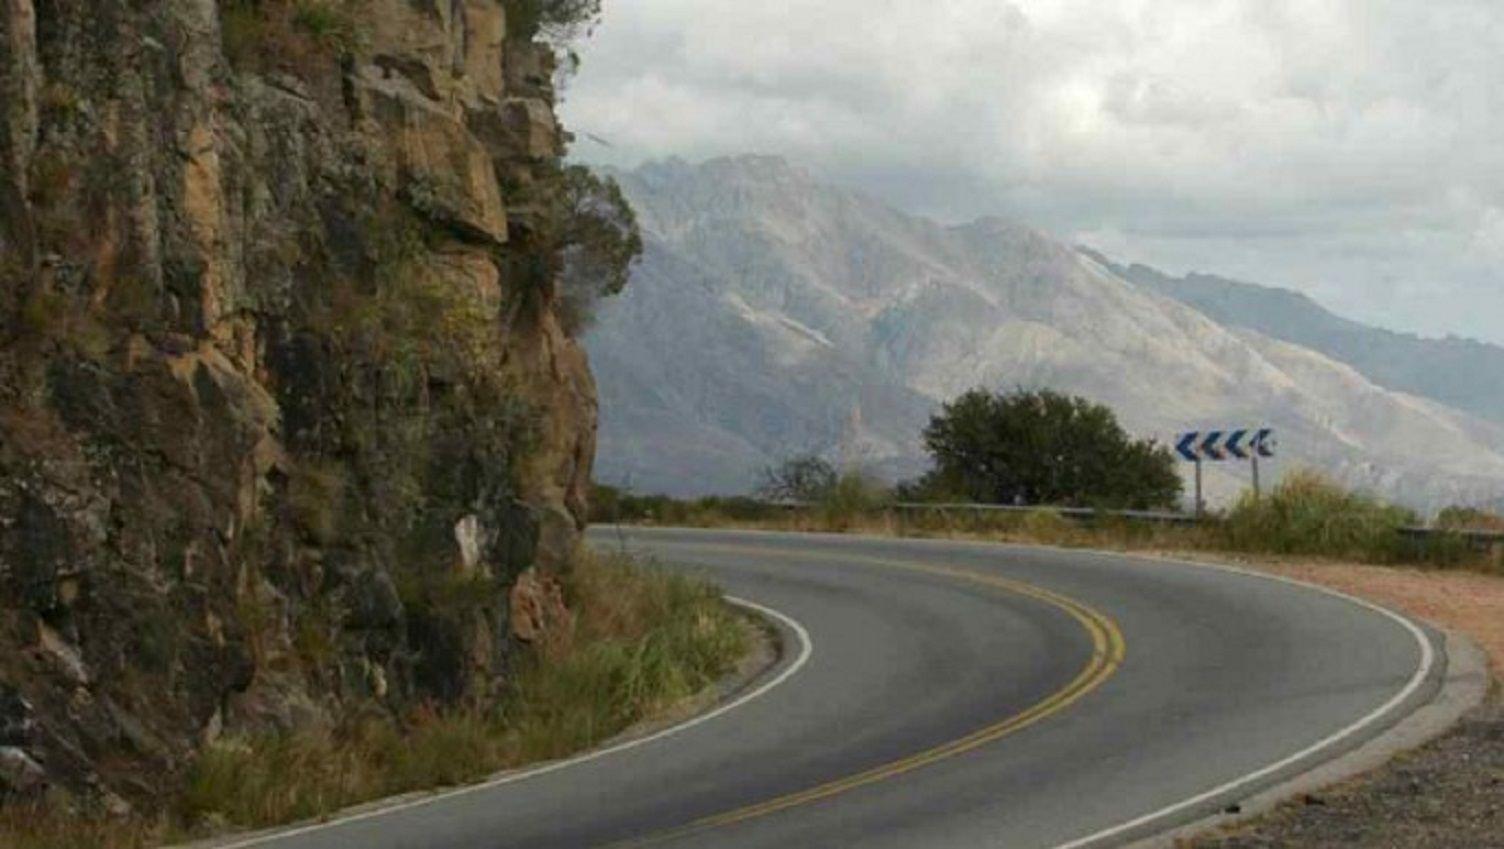 El colectivo volcóen el camino de las Altas Cumbres